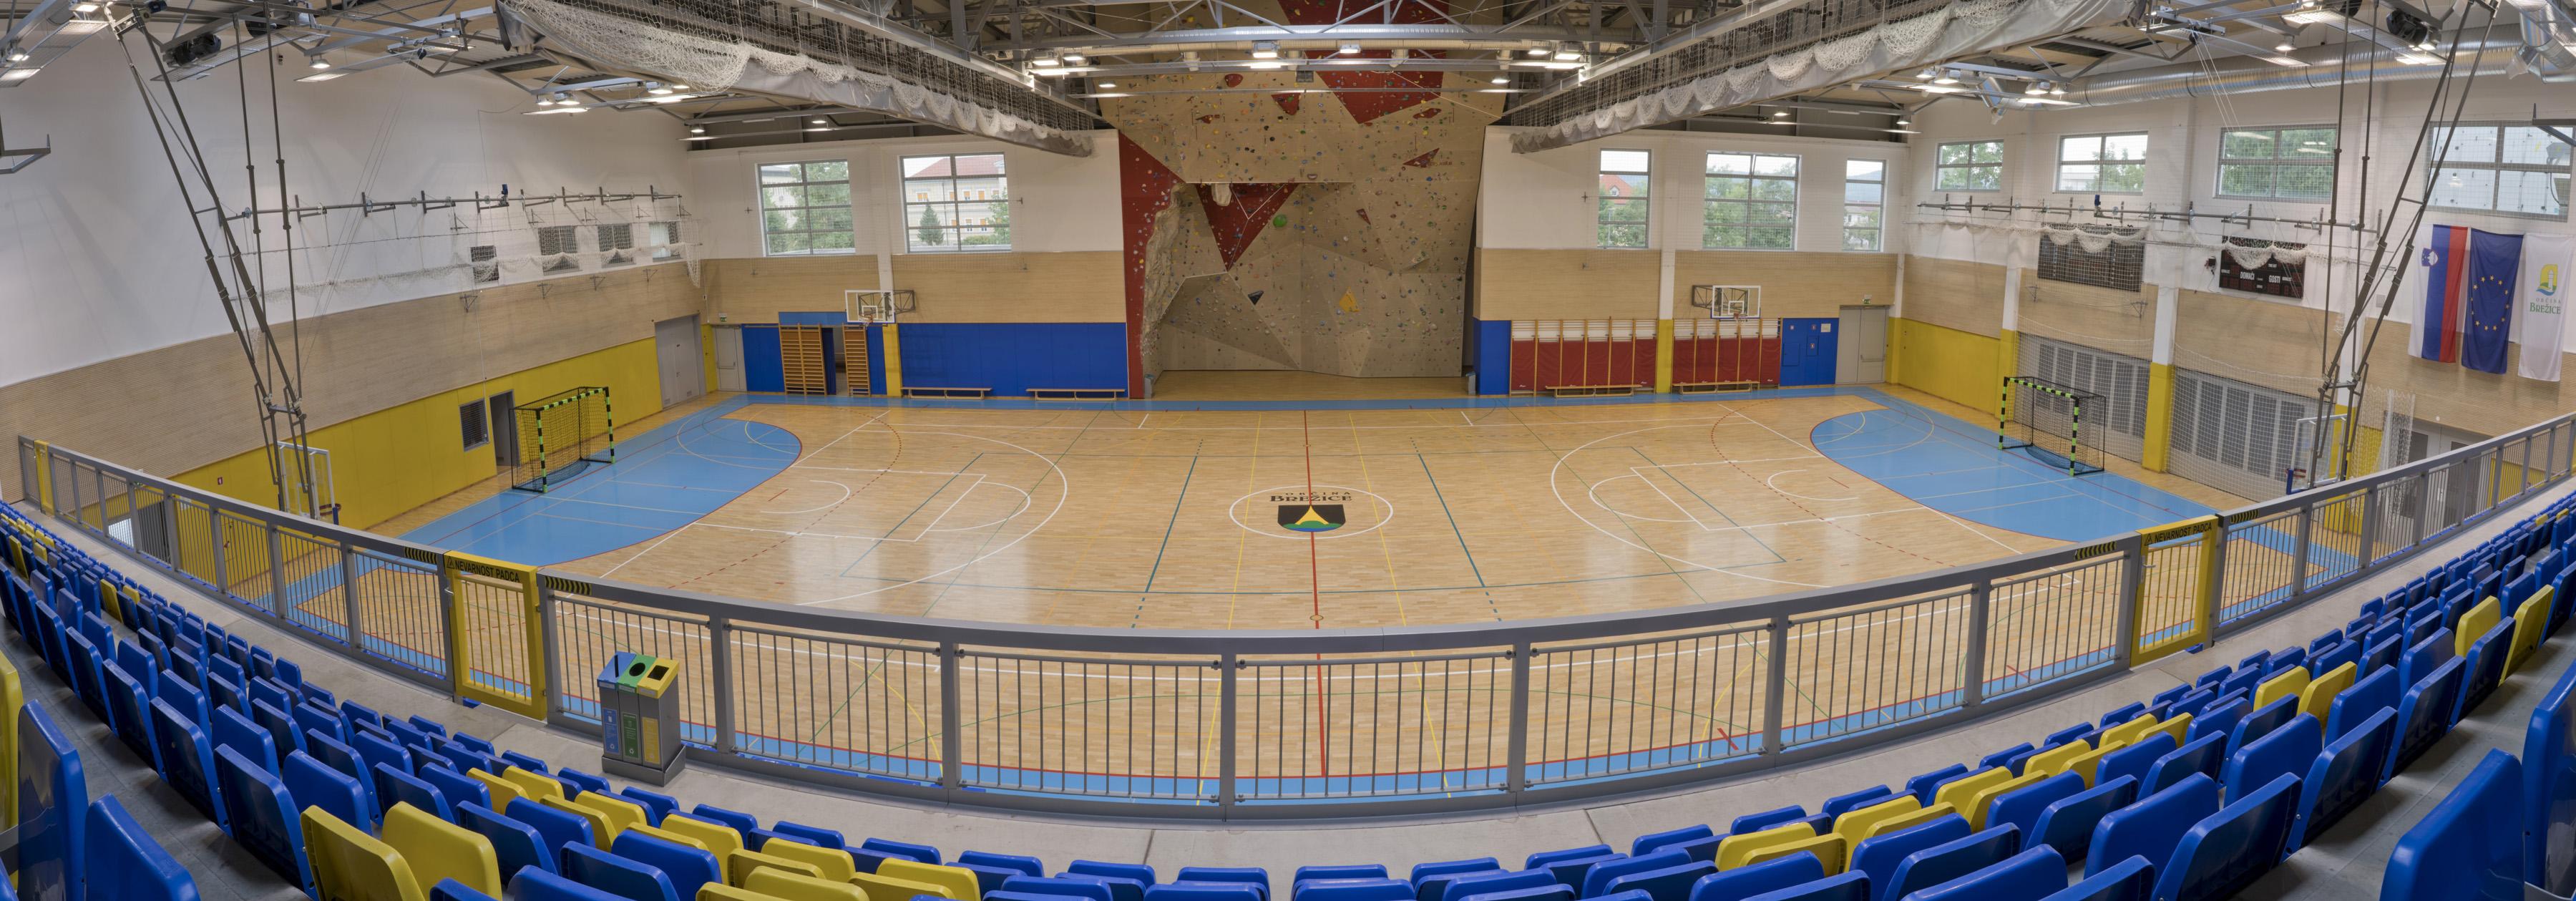 Športna dvorana Brežice